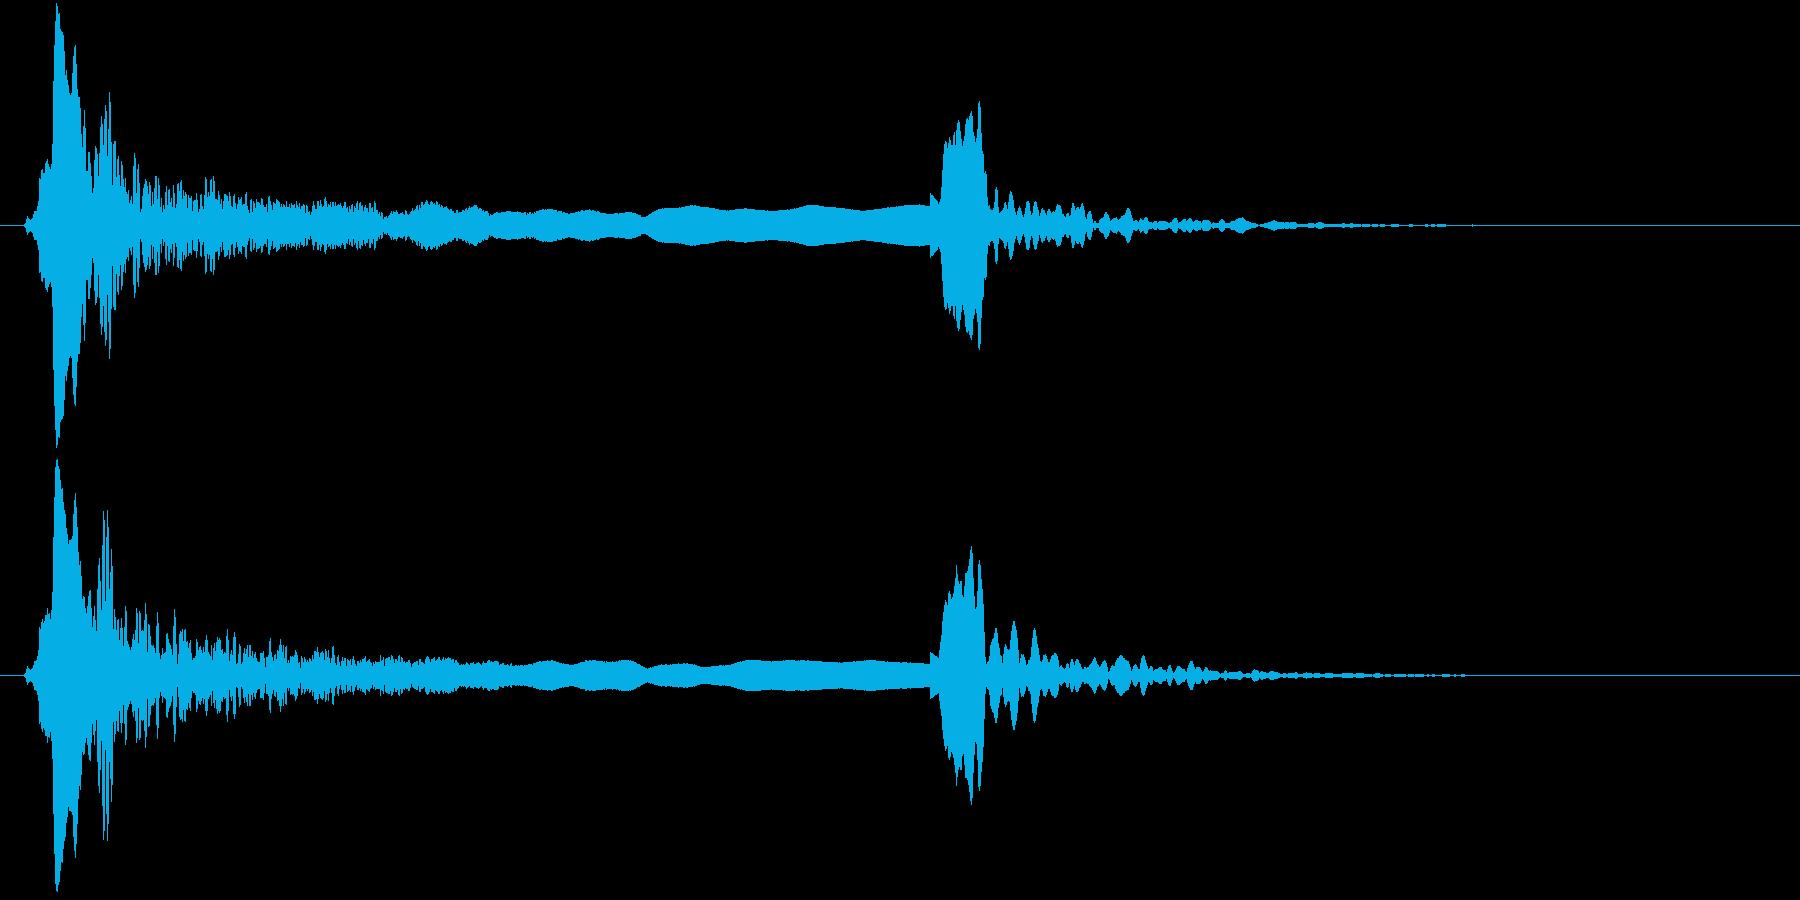 「ピィーピッ」能管ひしぎ長さ普通リバーブの再生済みの波形